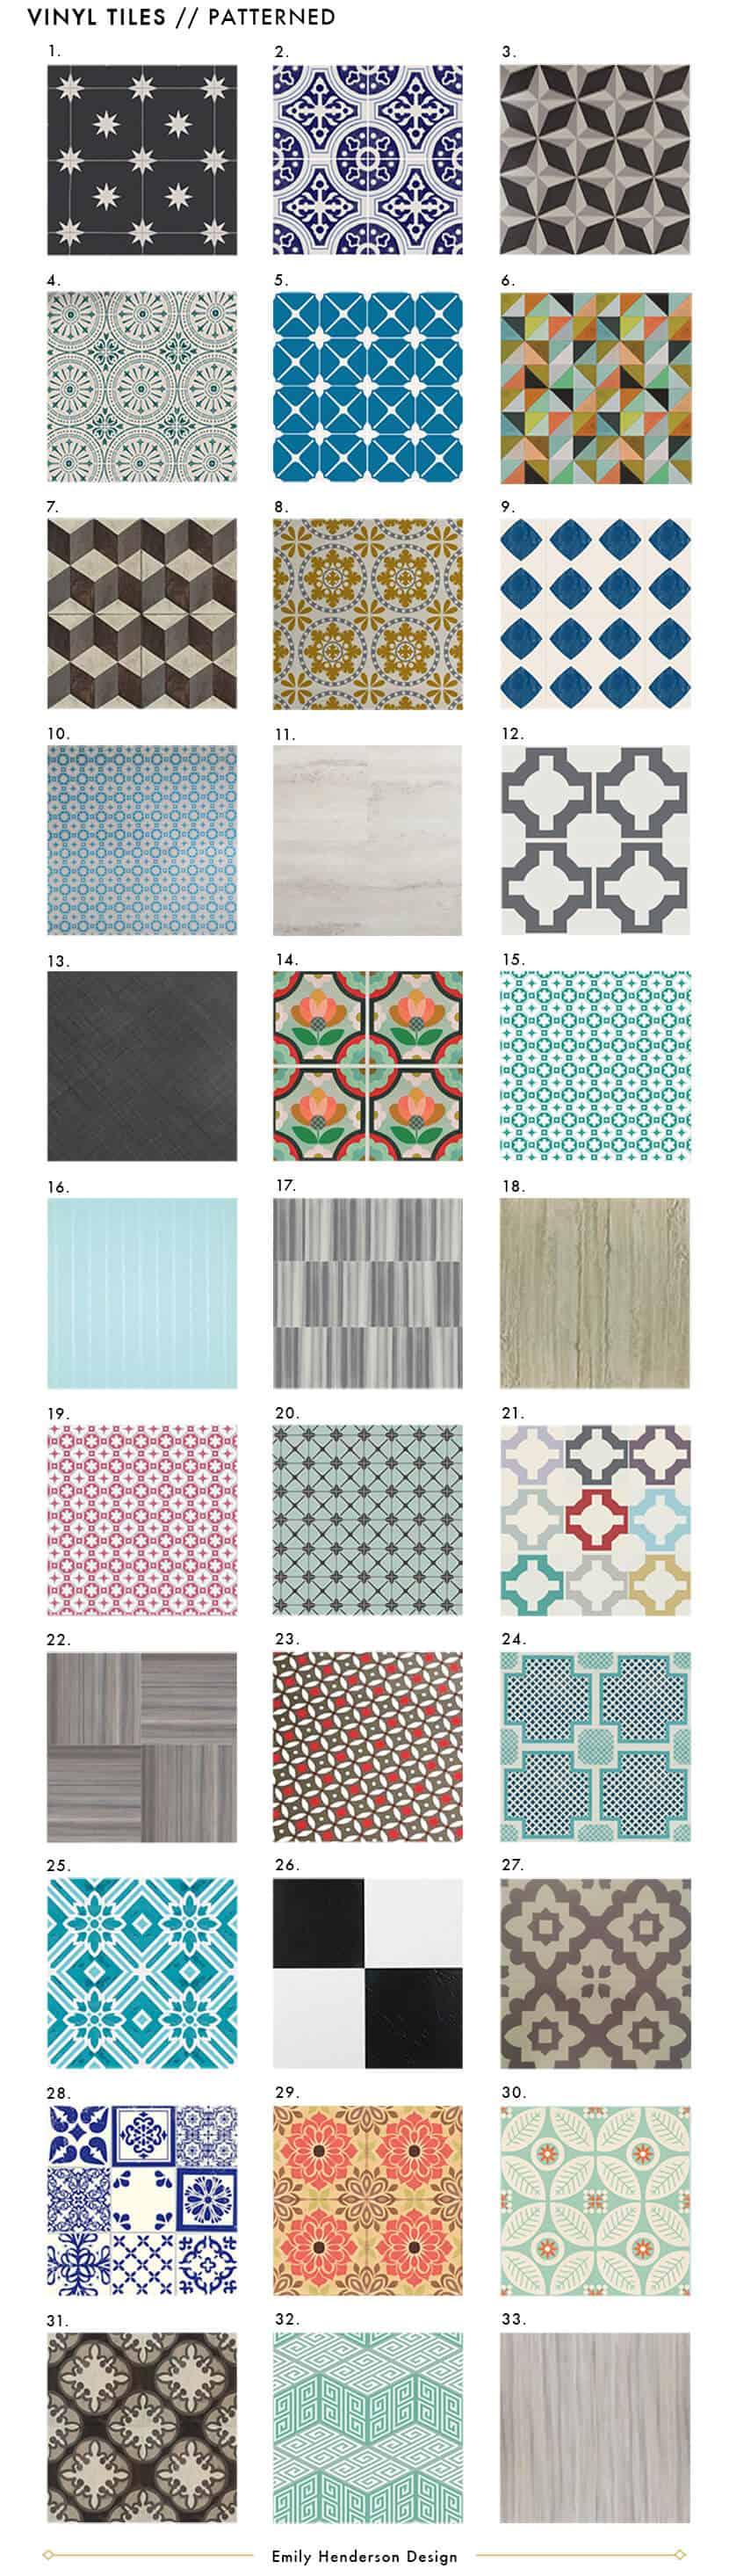 NEW Vinyl Tile Patterened